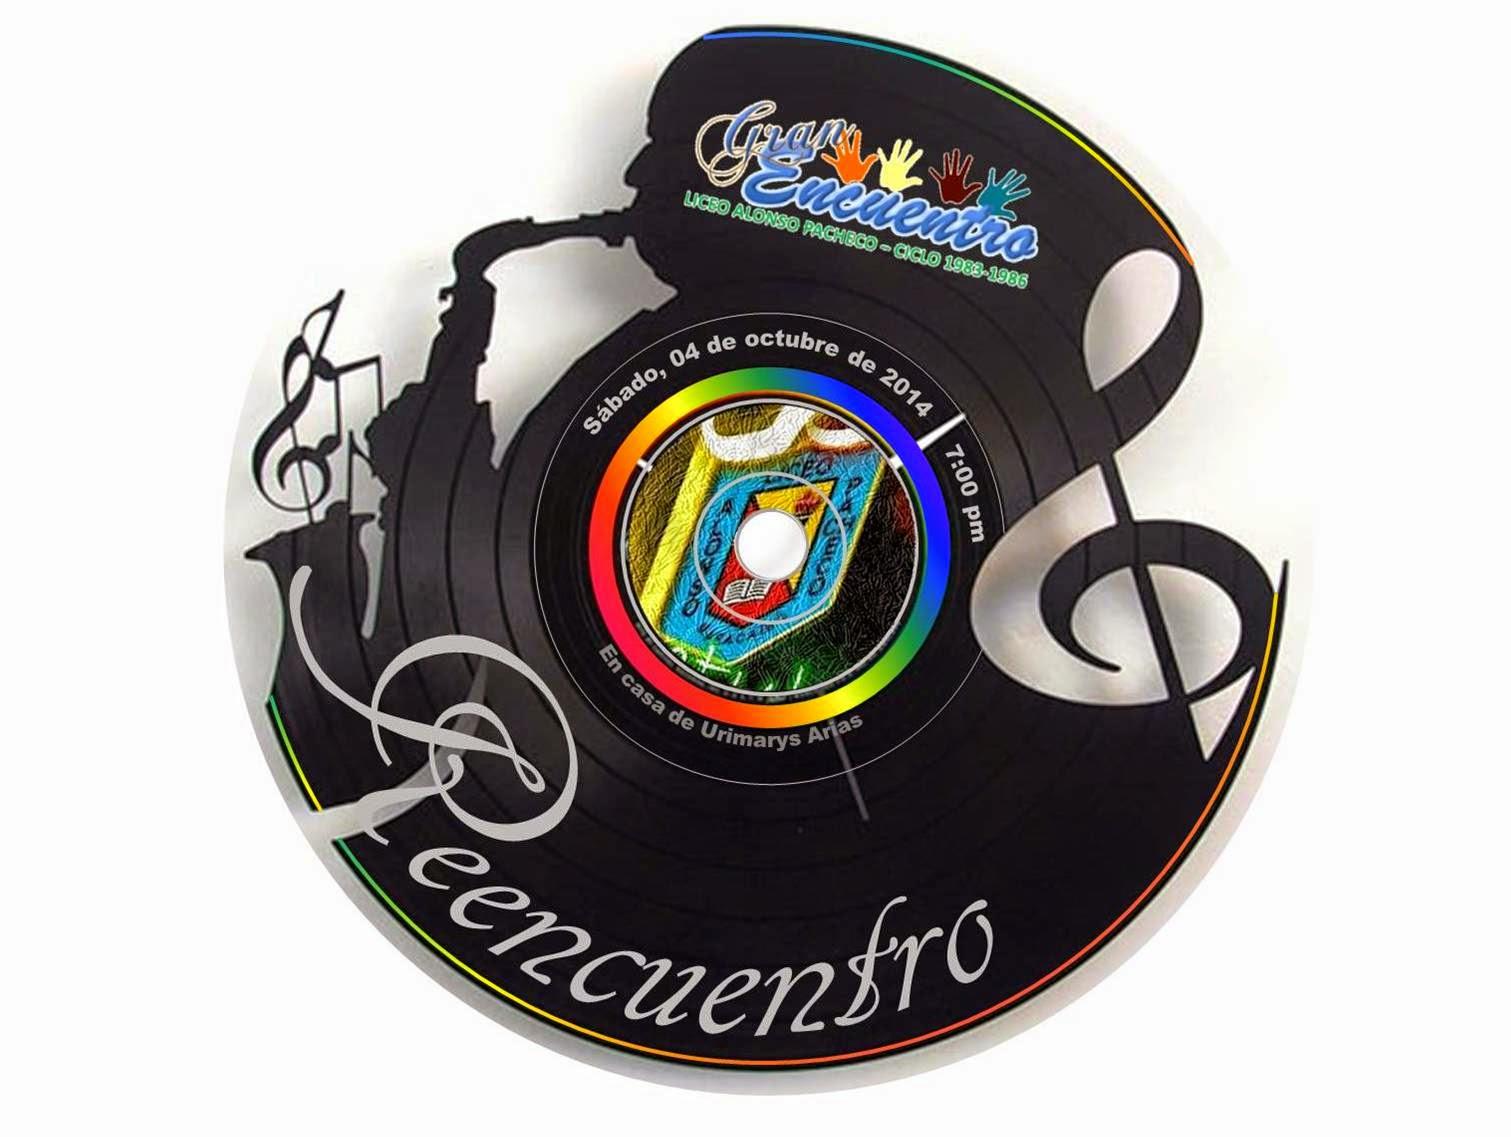 Reencuentro, Sabado. 4 de octubre de 2014 - 7pm